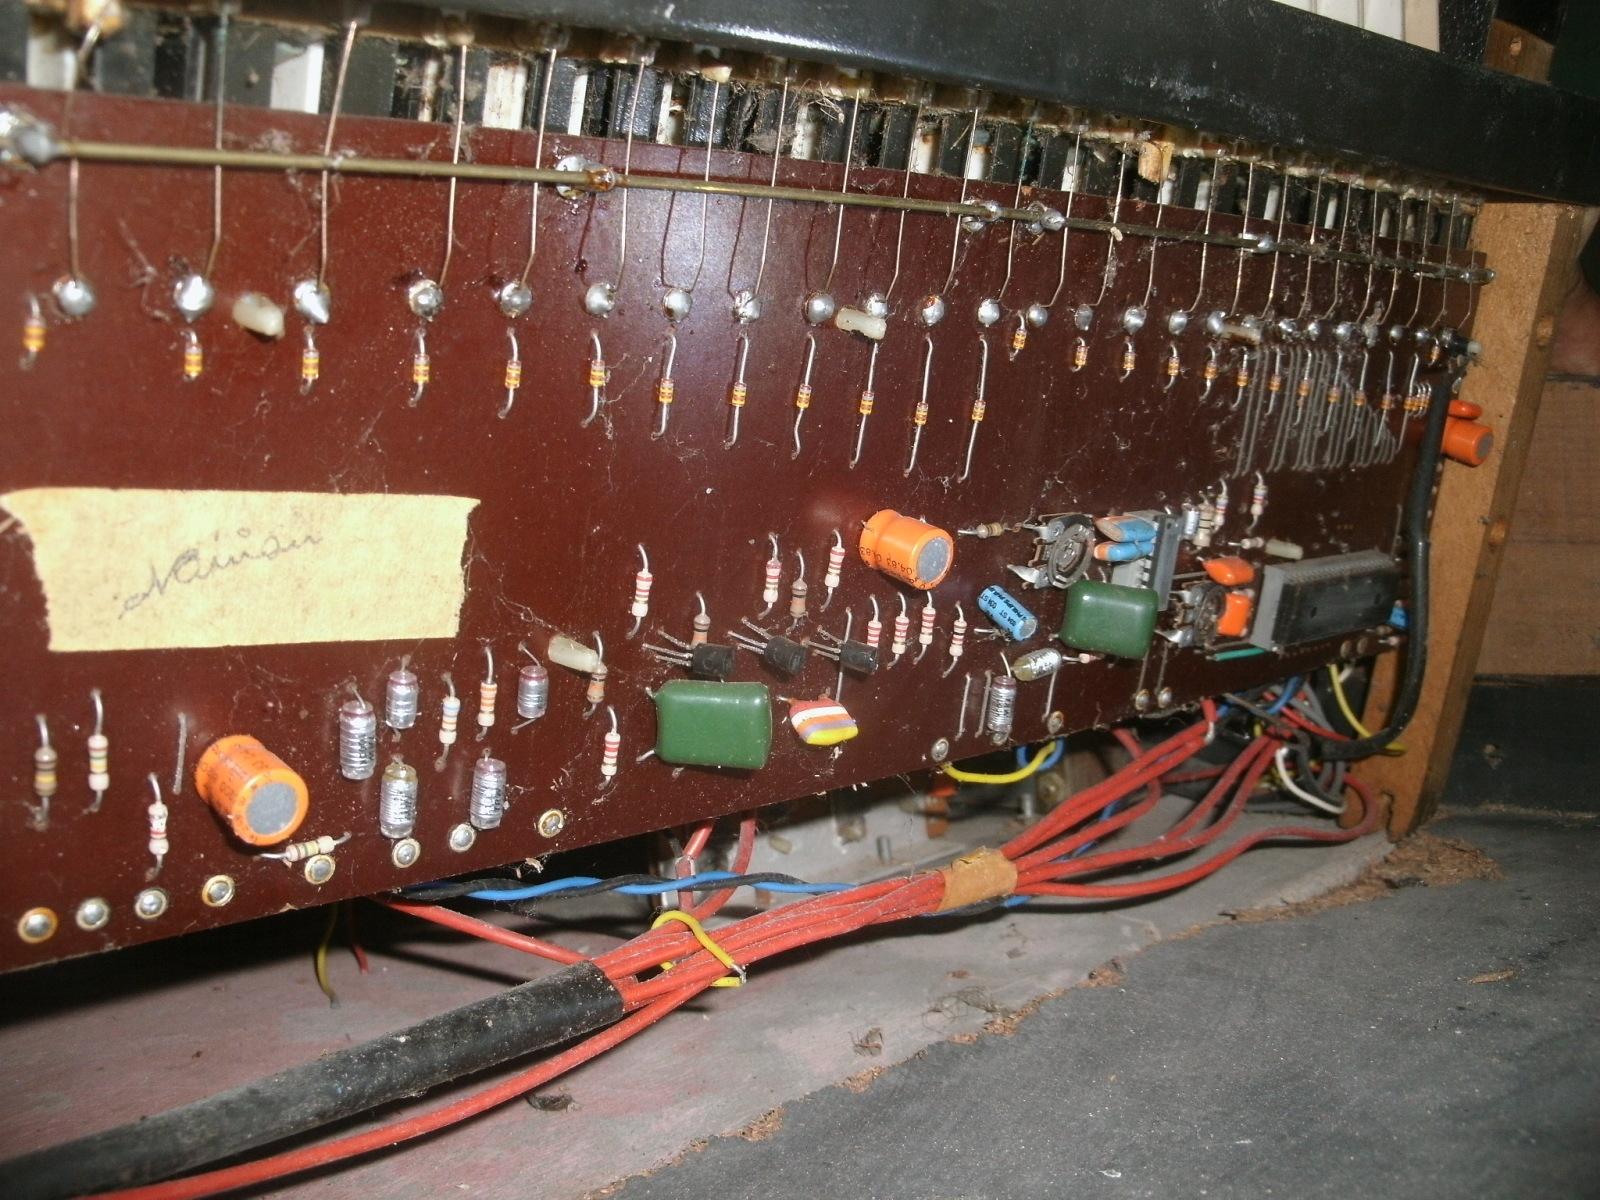 órgao eletronico com M208B1 2afdfs8